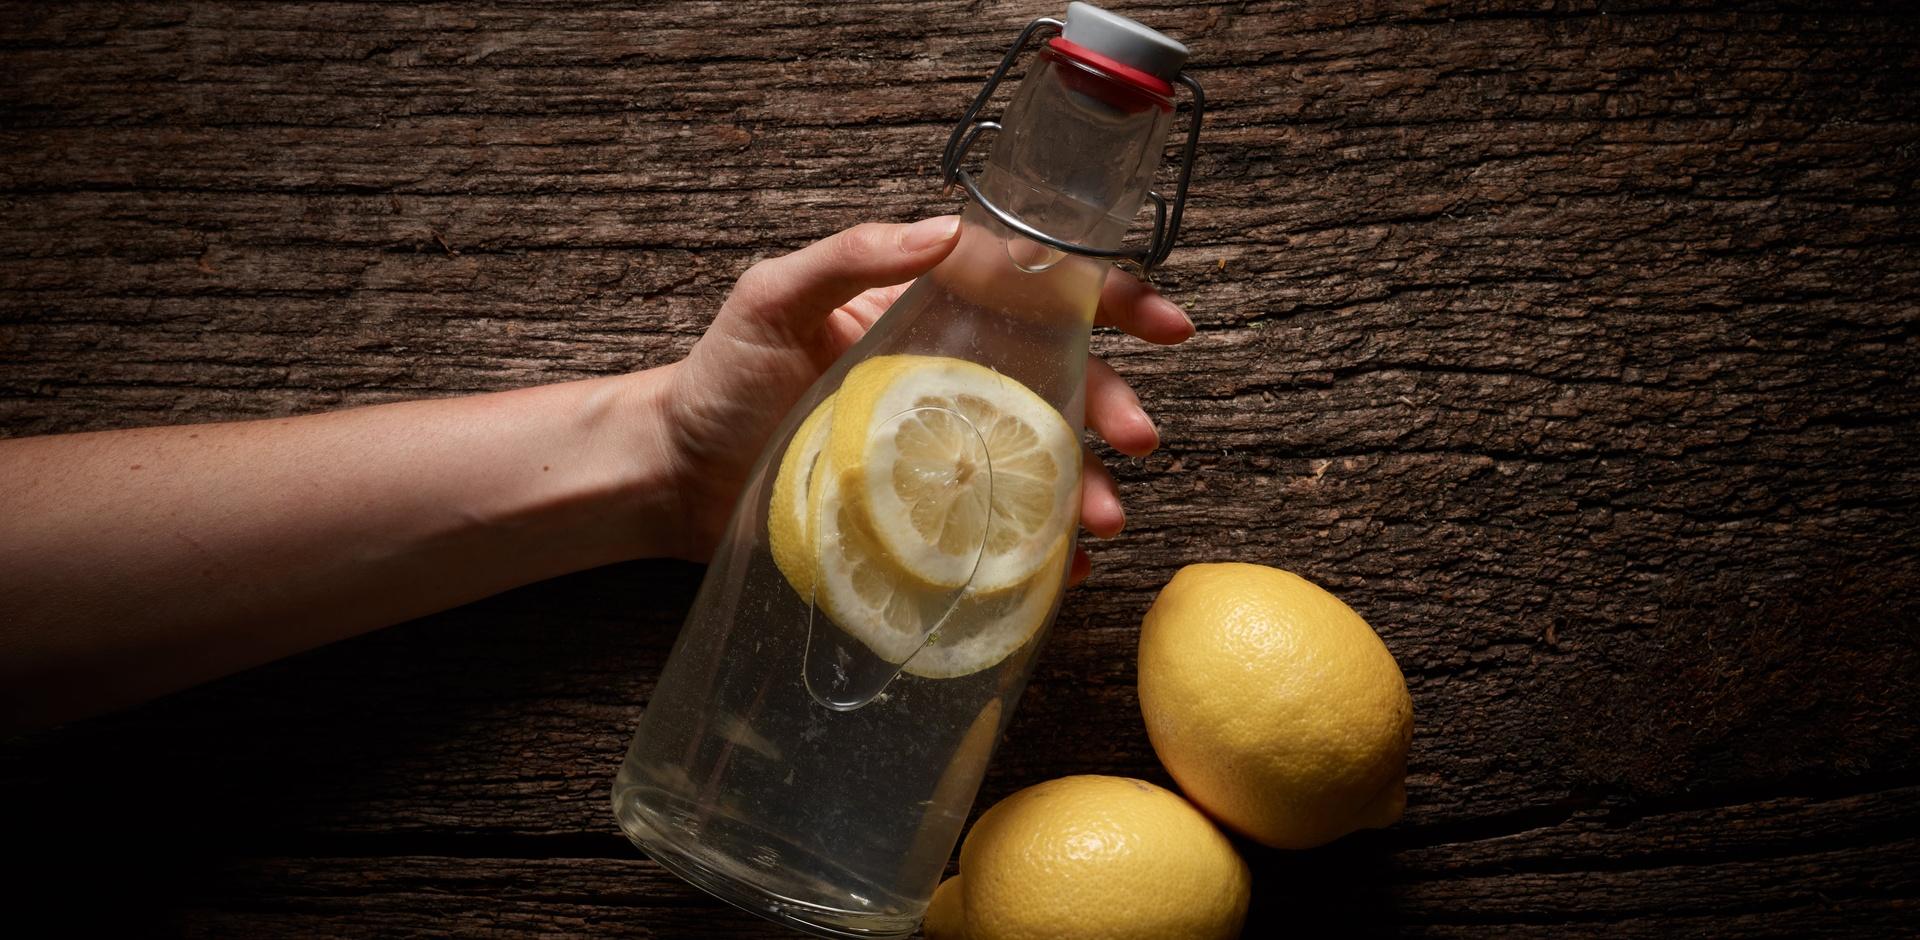 Zitronenwasser ist hip, es lässt sich nicht anders sagen. Wen man auch fragt: Morgens ein Glas Zitronenwasser tue uns Gutes, lautet die Antwort. Gründe dafür finden sich wie Sand am Meer. Und alle davon klingen gut — besonders, wenn Beyonce sie uns vorhaucht. Doch Queen B hin oder her: Ist Zitronenwasser wirklich so gesund?